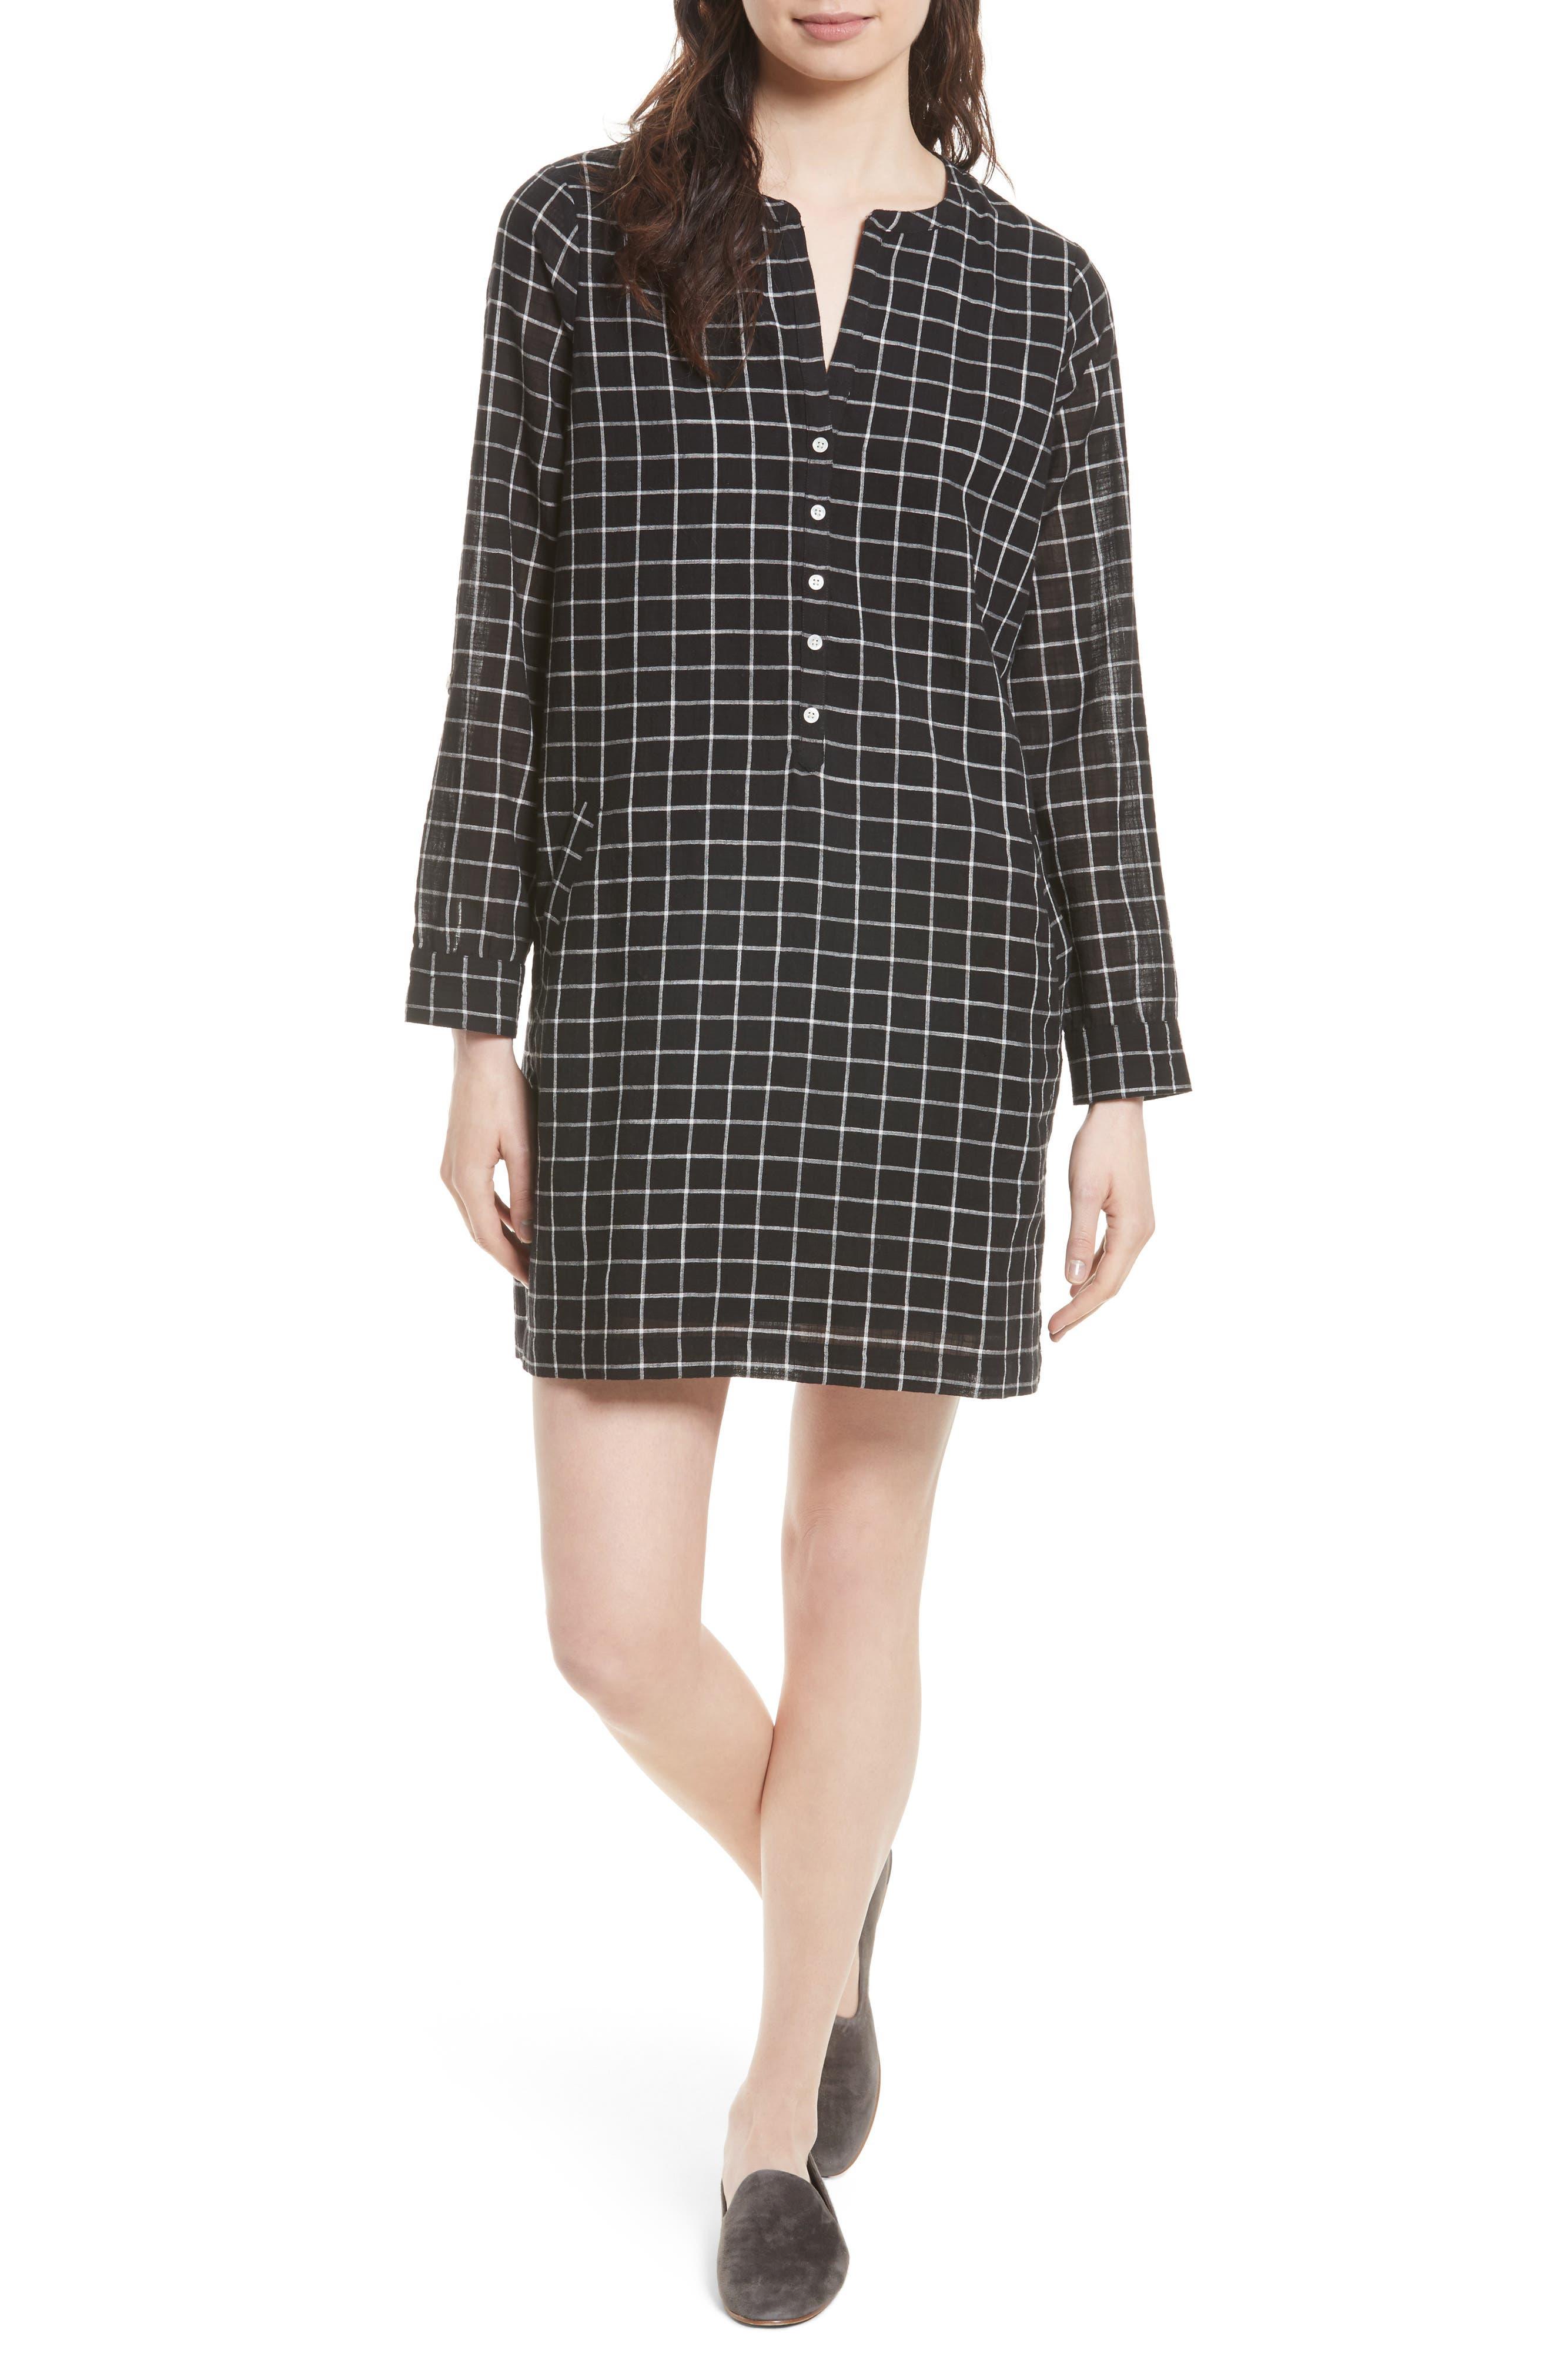 Soft Joie Eguine Cotton Shirtdress